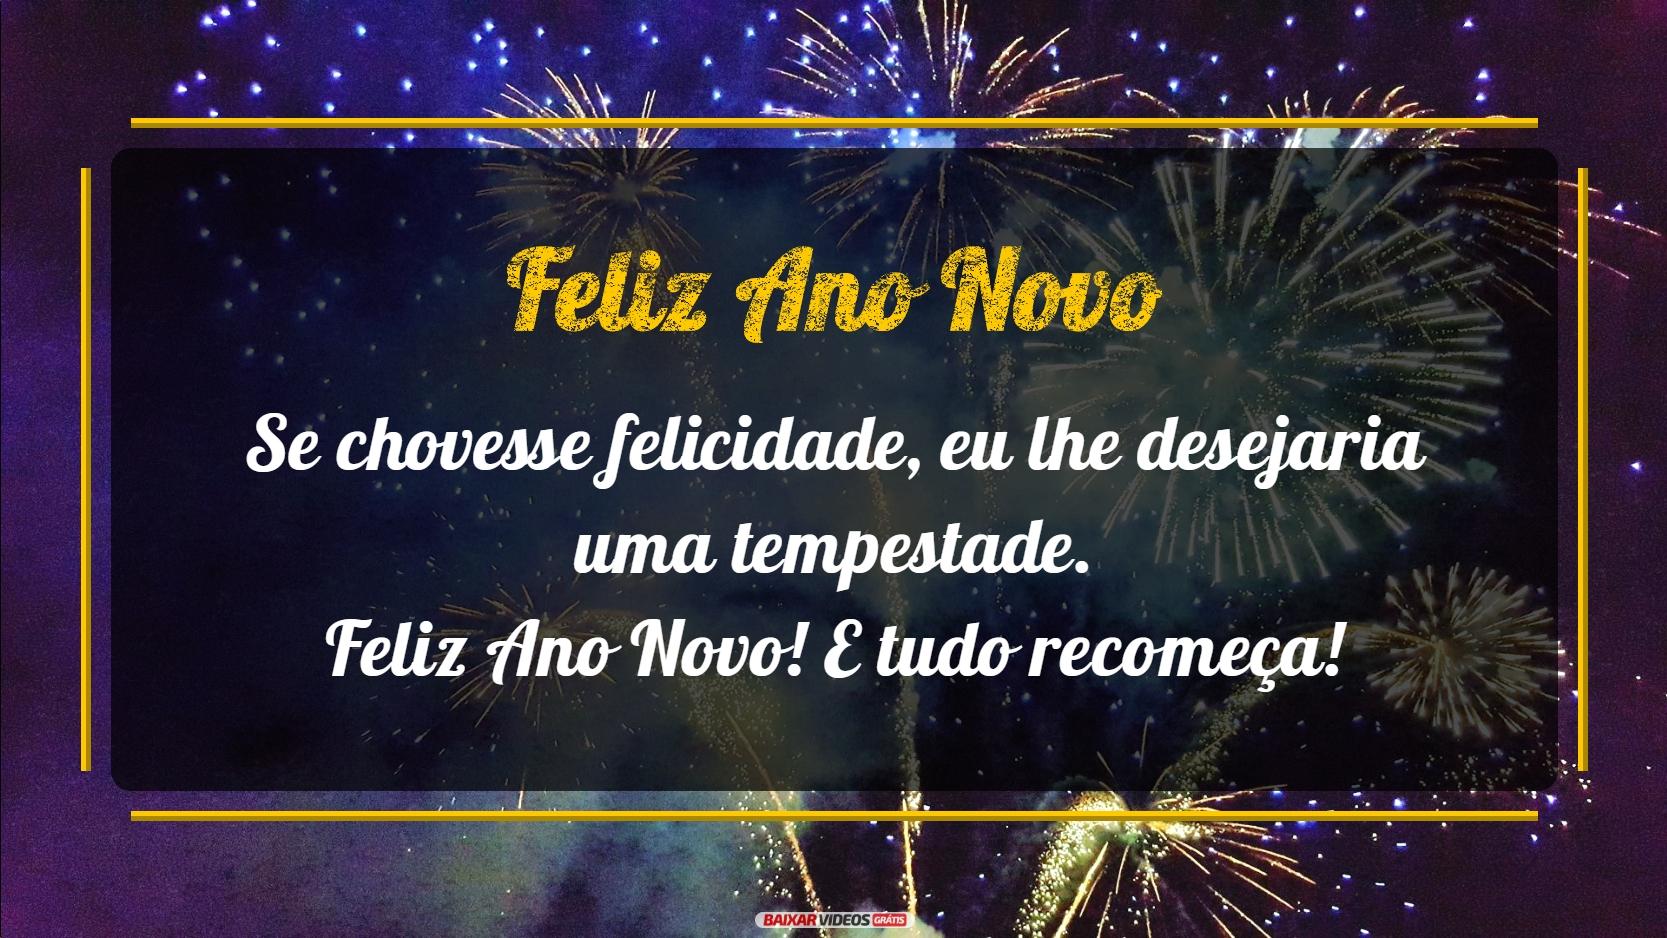 Se chovesse felicidade, eu lhe desejaria uma tempestade. Feliz Ano Novo! E tudo recomeça!